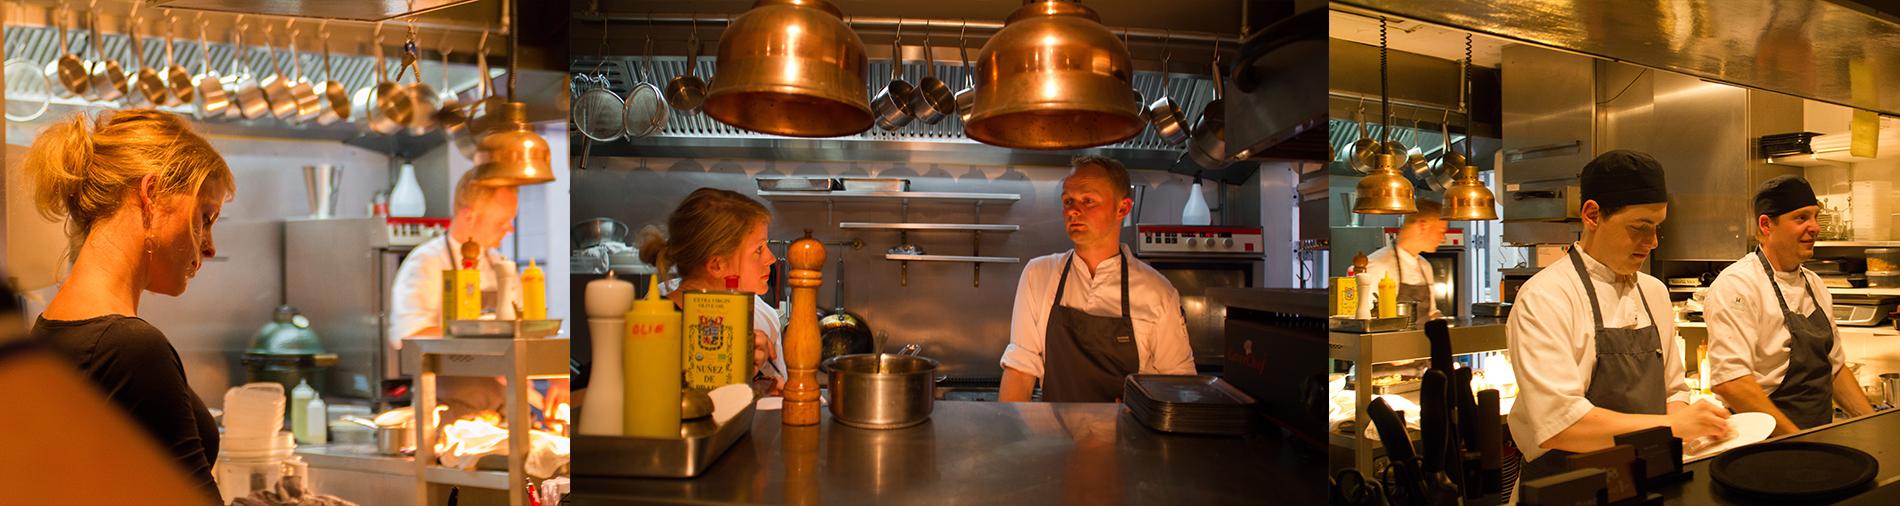 Bistro Bord'o - Bistro Bord'o is een restaurant met een Internationaal / Frans georiënteerde keuken in het hartje van Leiden.